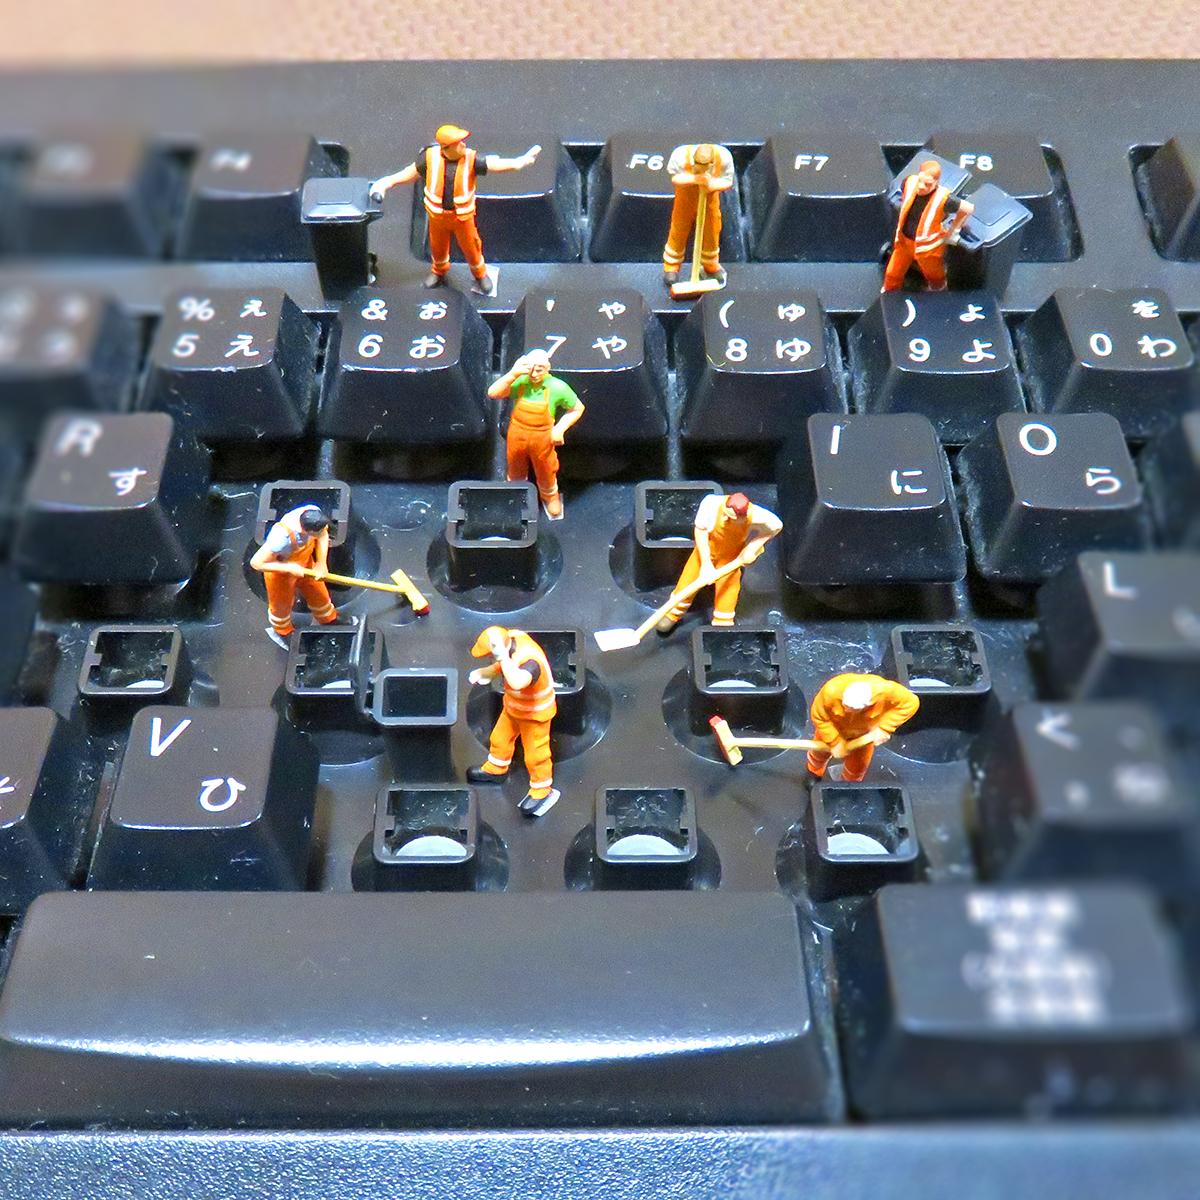 キーボードのキーを外して掃除する清掃員たち